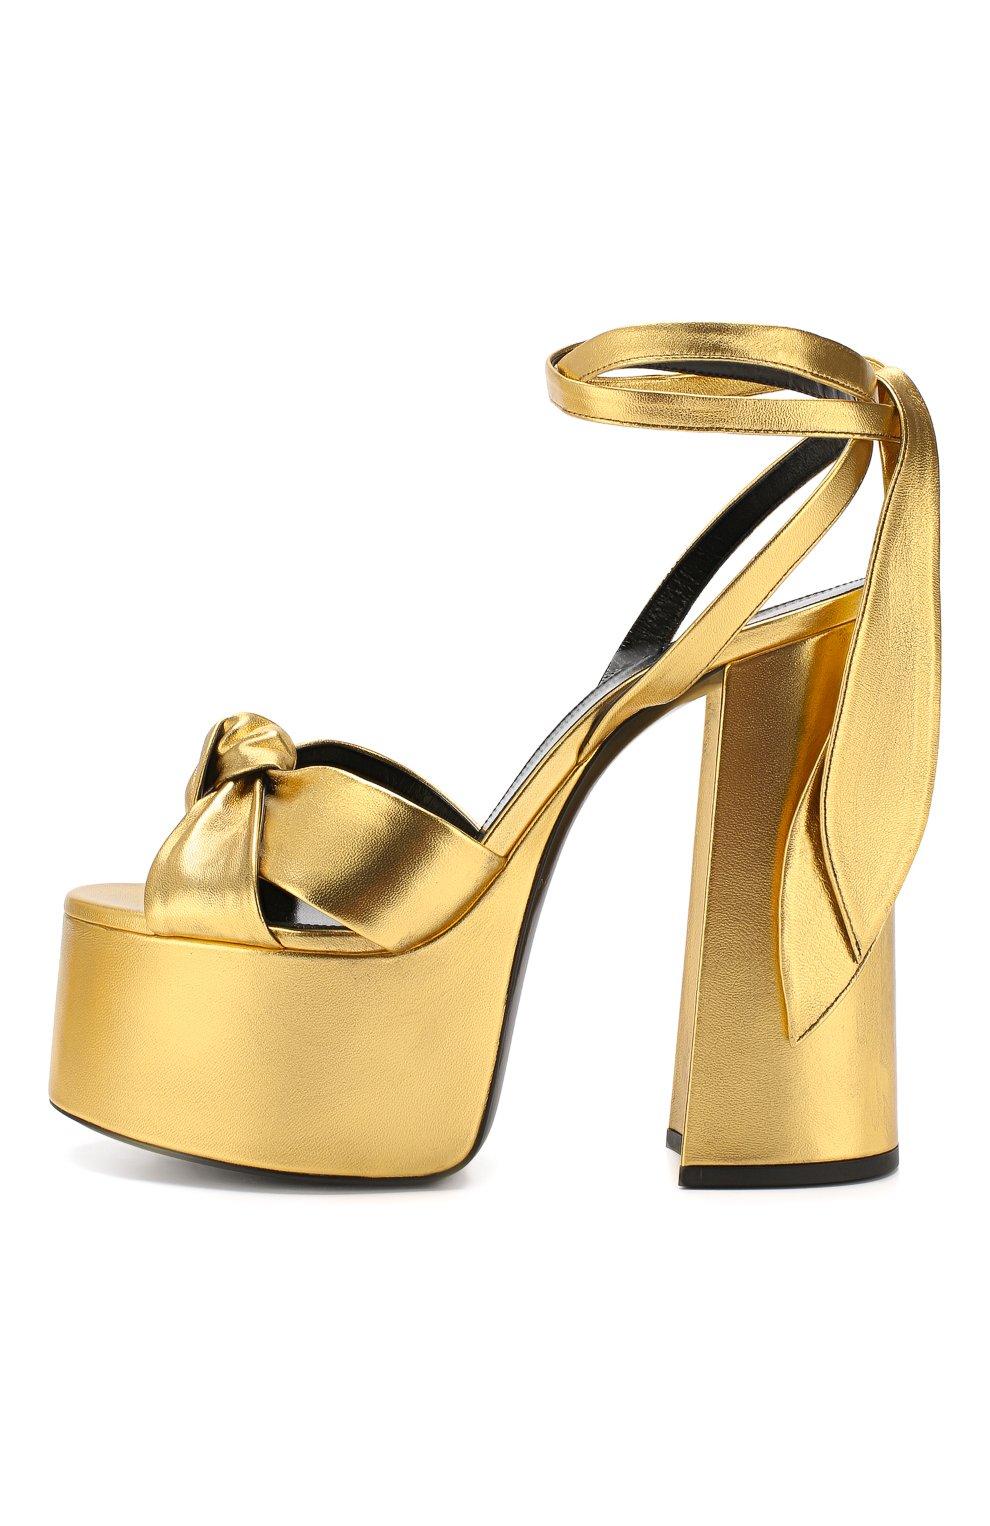 Кожаные босоножки Paige Saint Laurent золотые | Фото №3